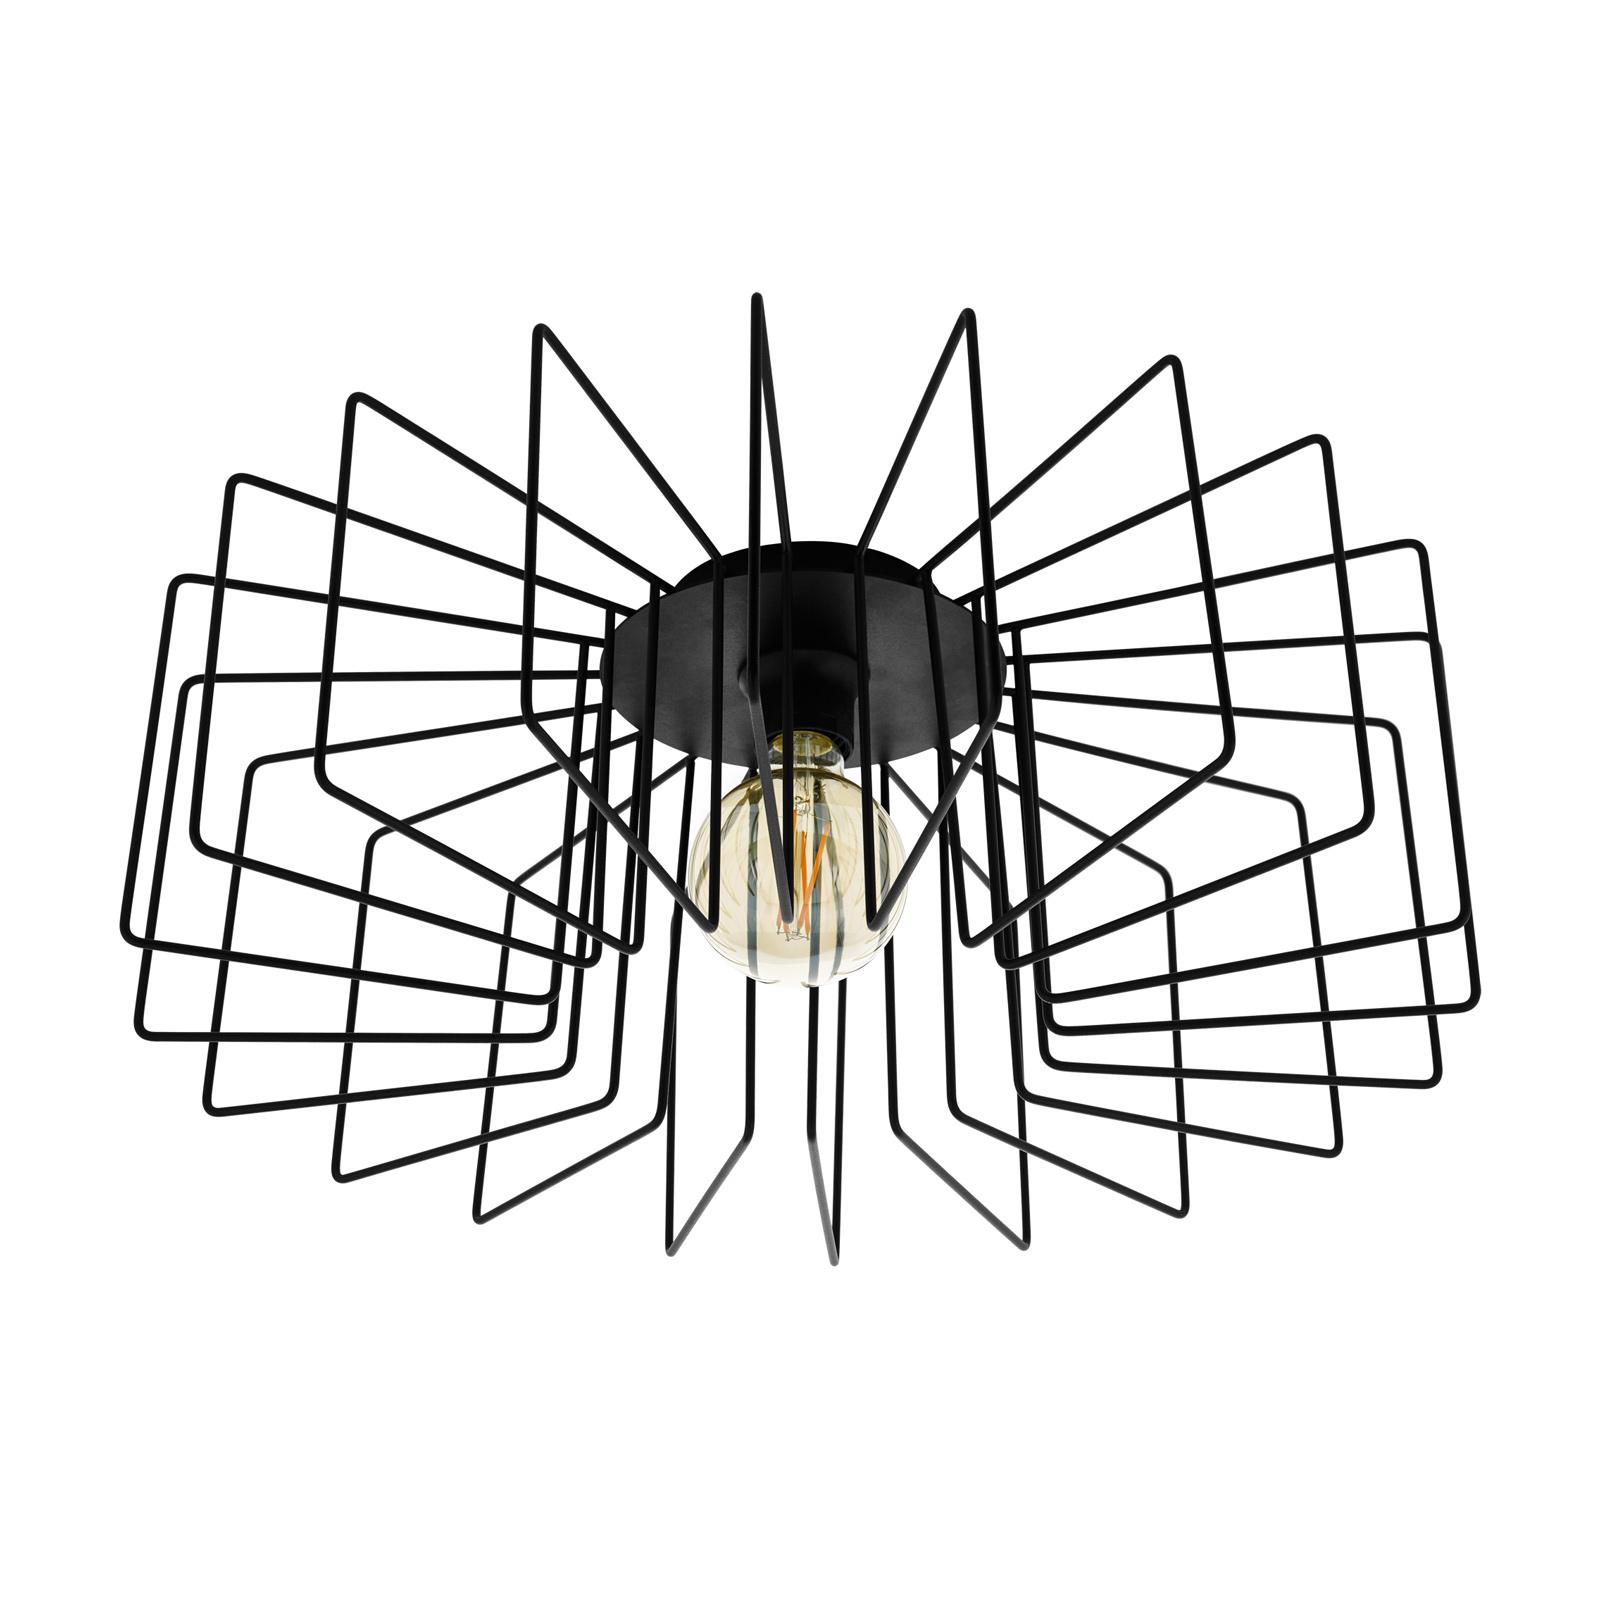 Lampa sufitowa Tremedal w formie klatki